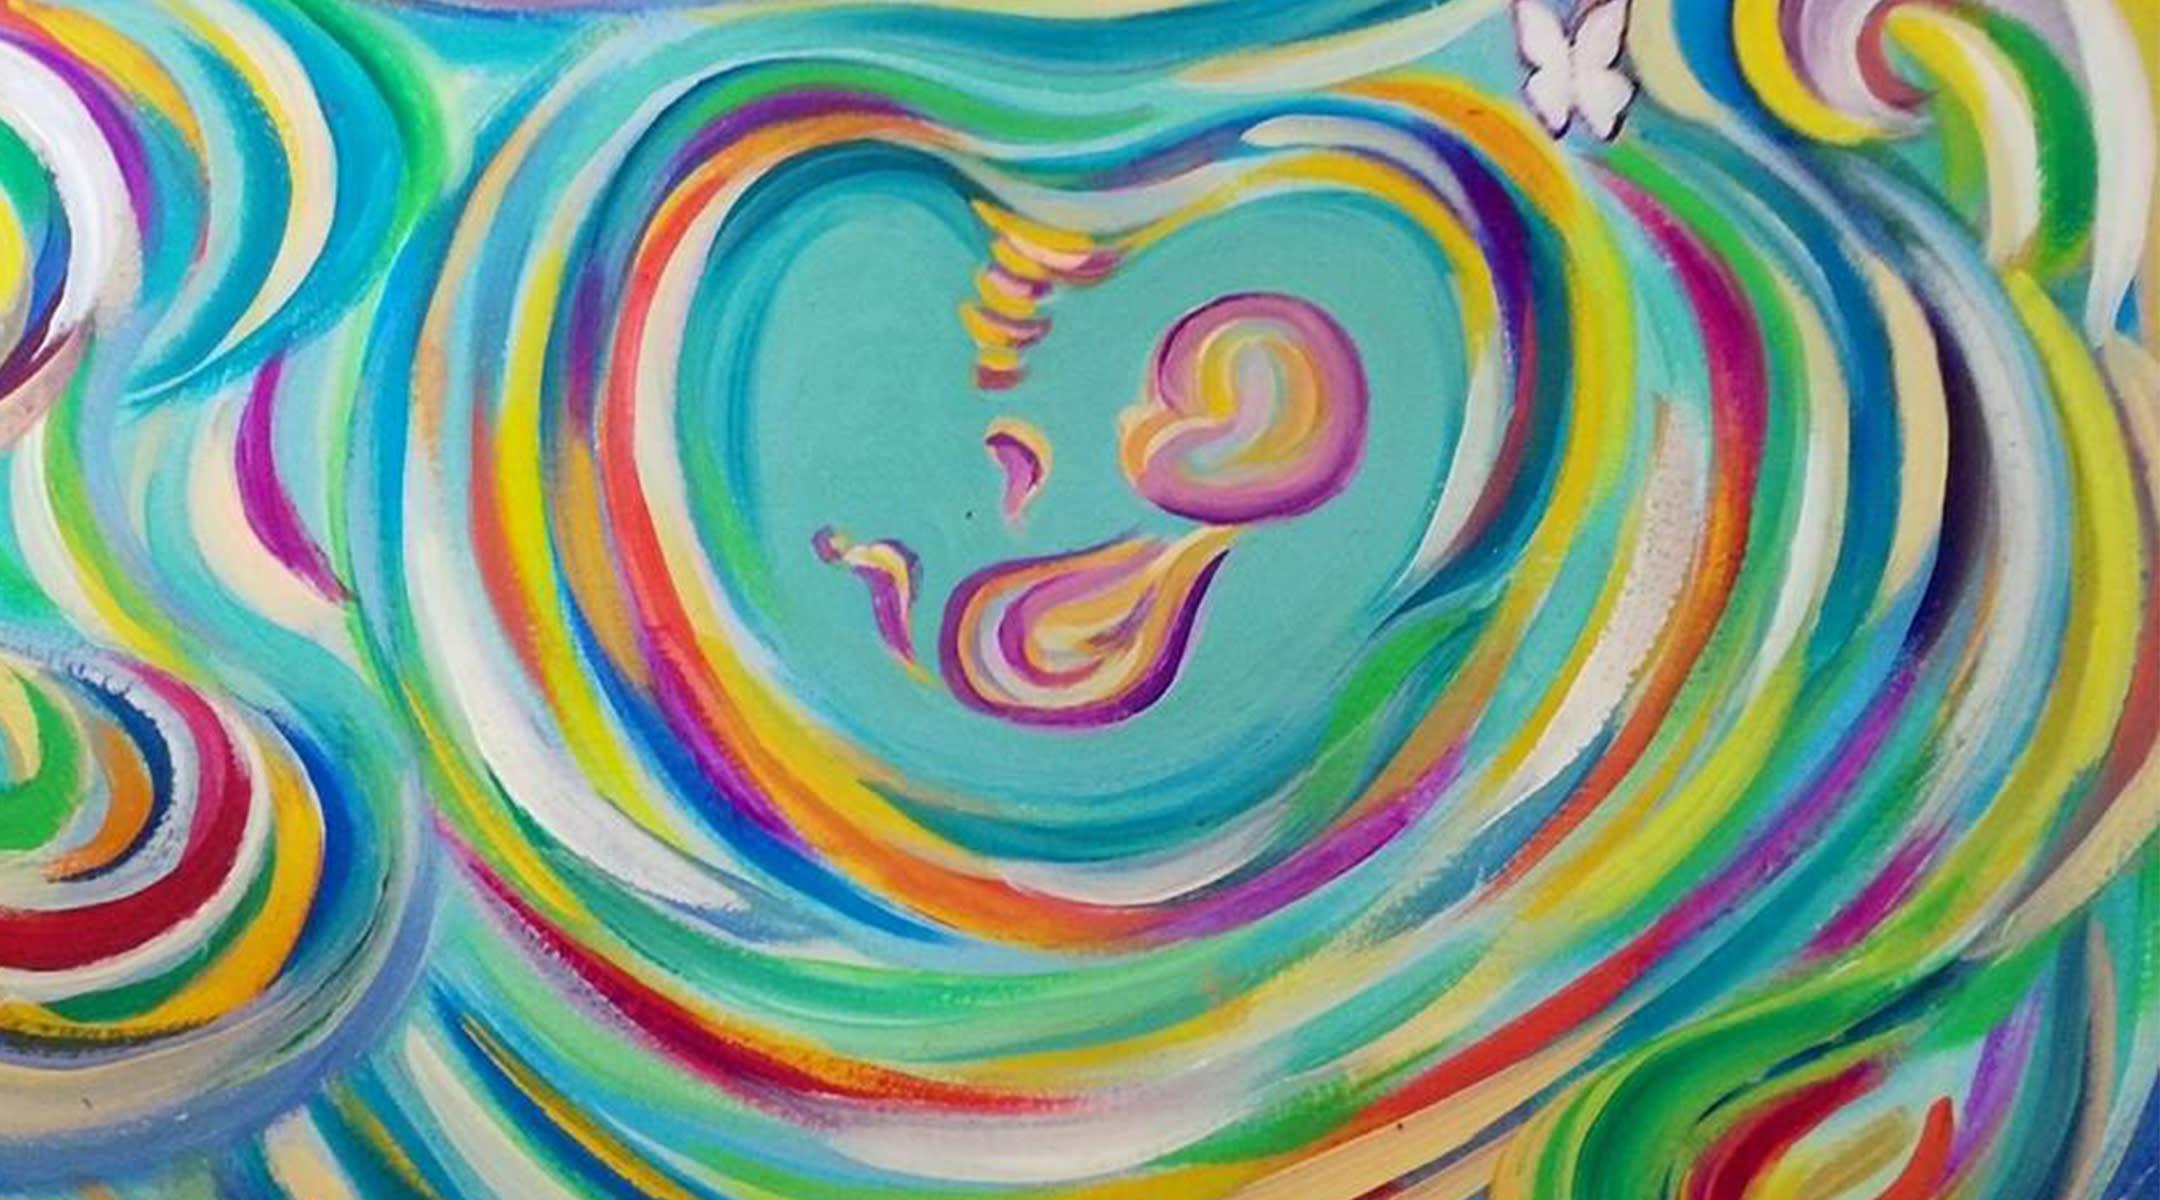 Rainbow ultrasound art